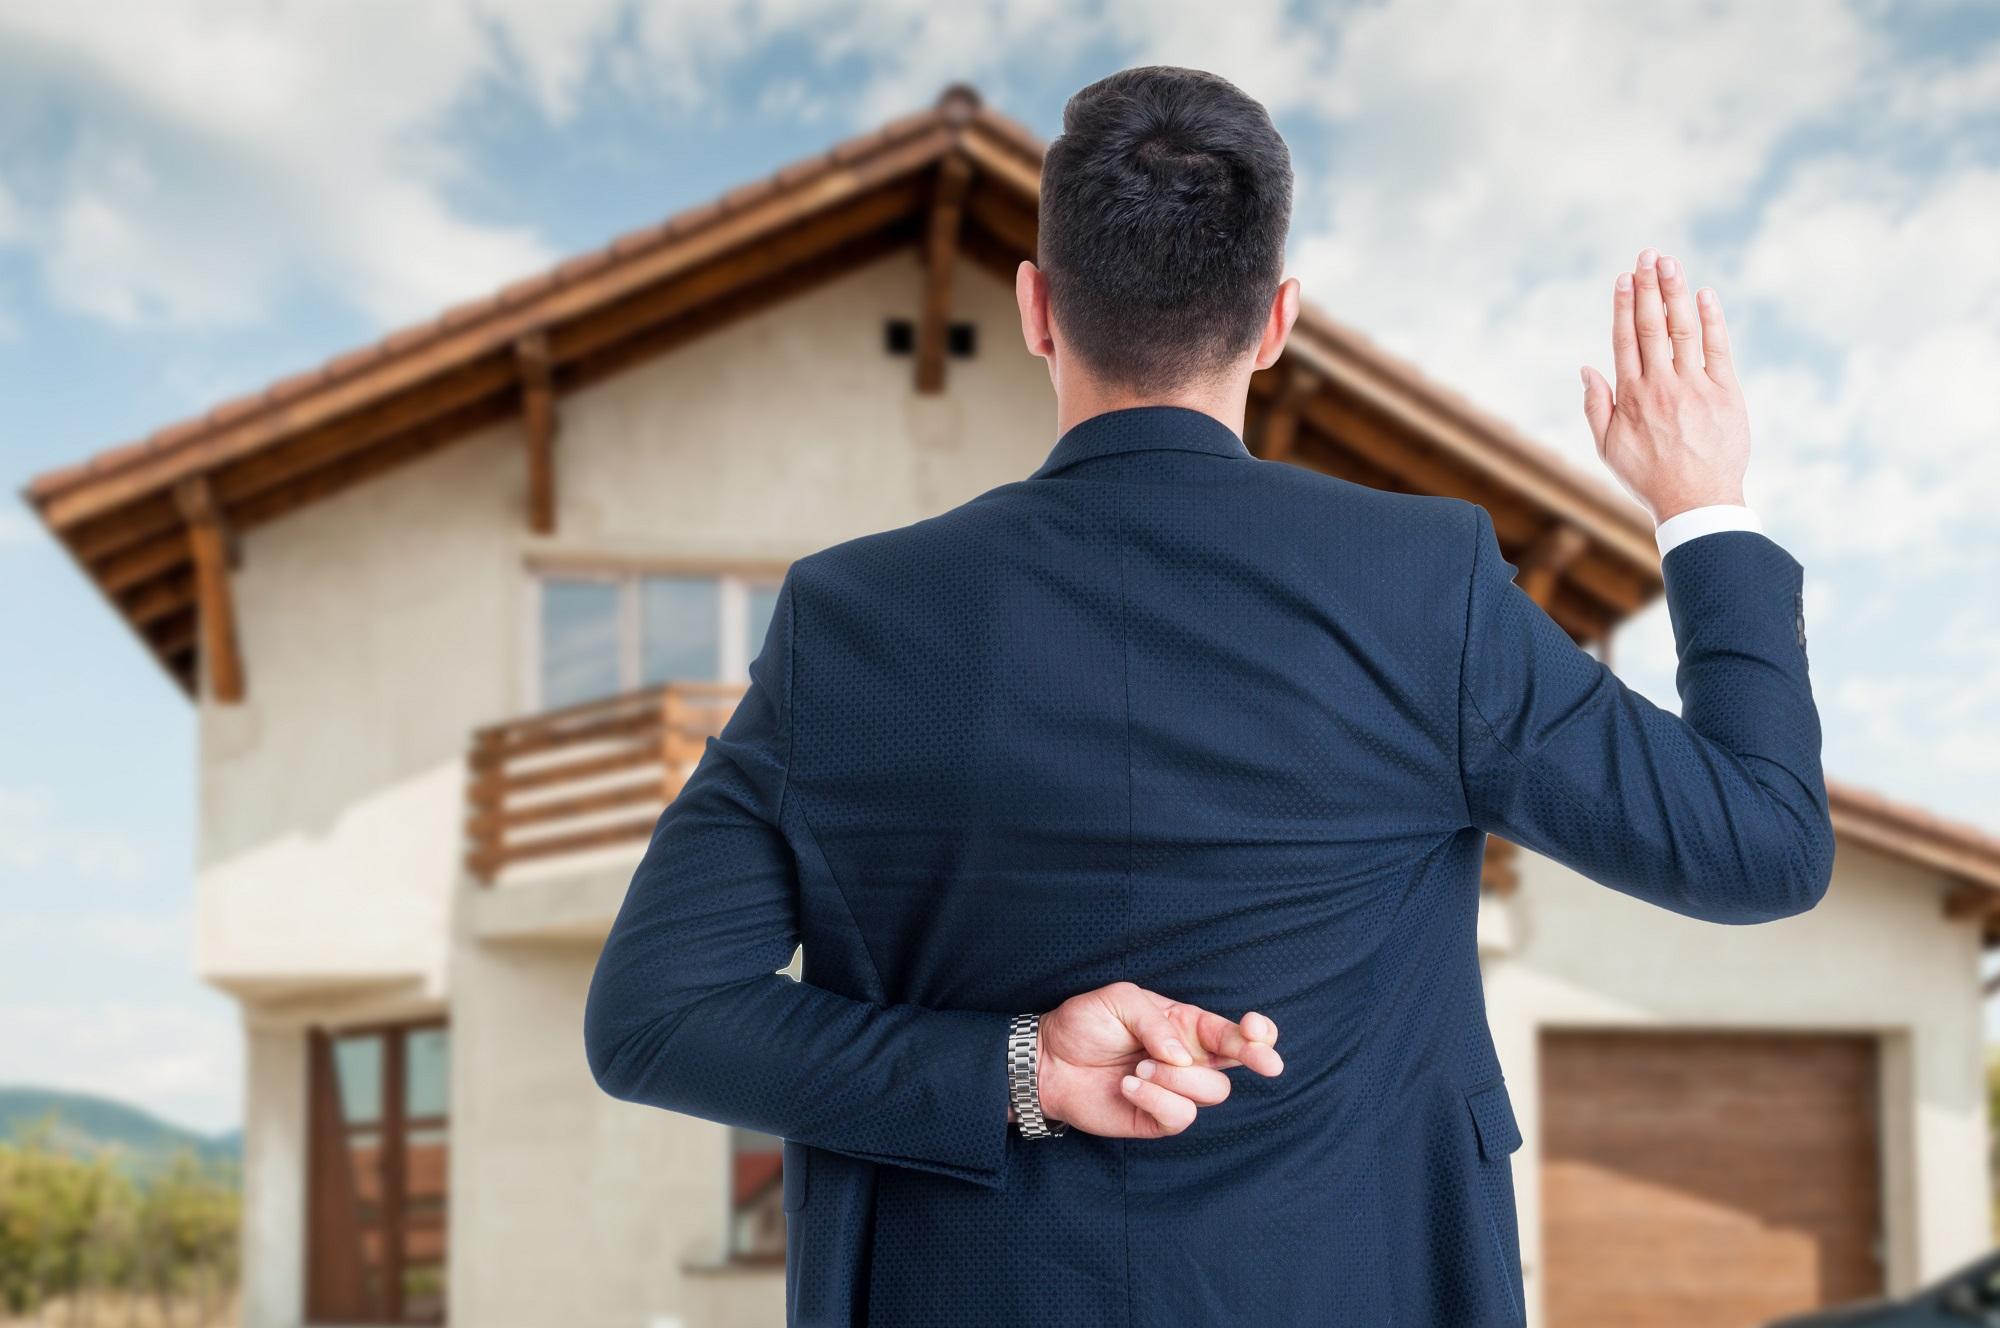 Immobilier : ces rumeurs totalement fausses sur le net